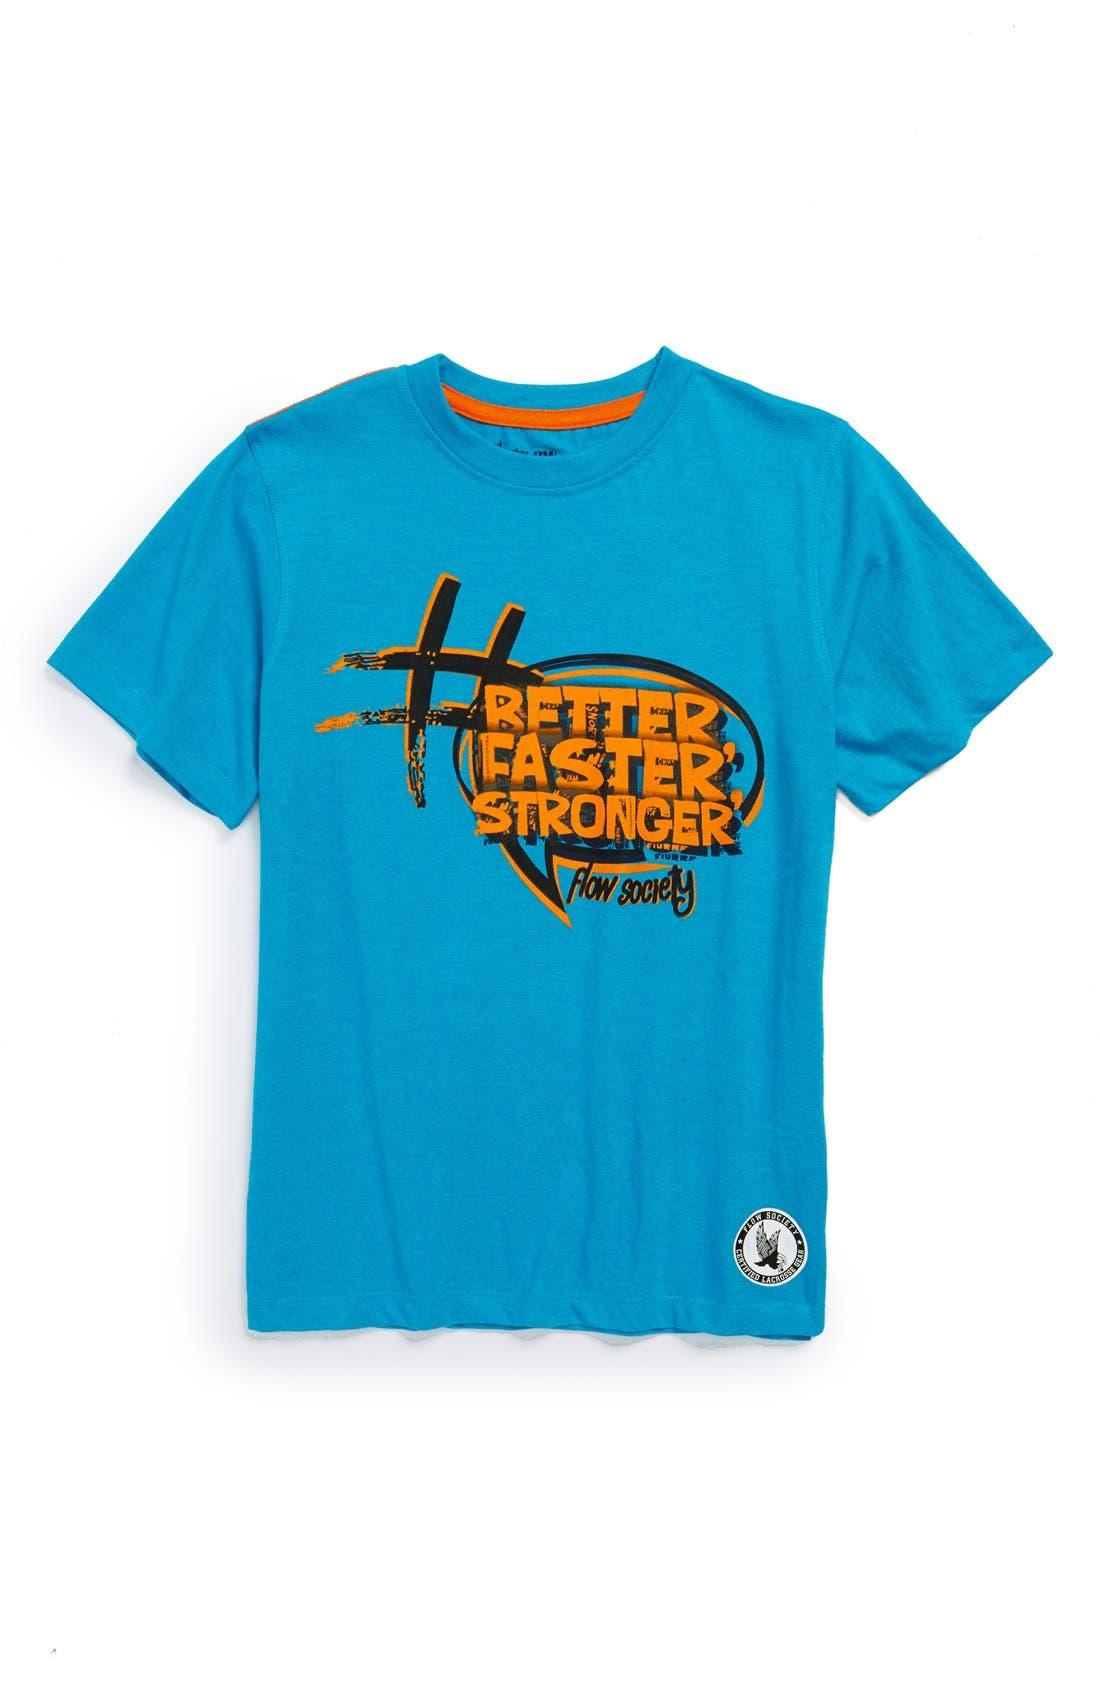 Main Image - Flow Society 'Better Faster Stronger' T-Shirt (Little Boys & Big Boys)